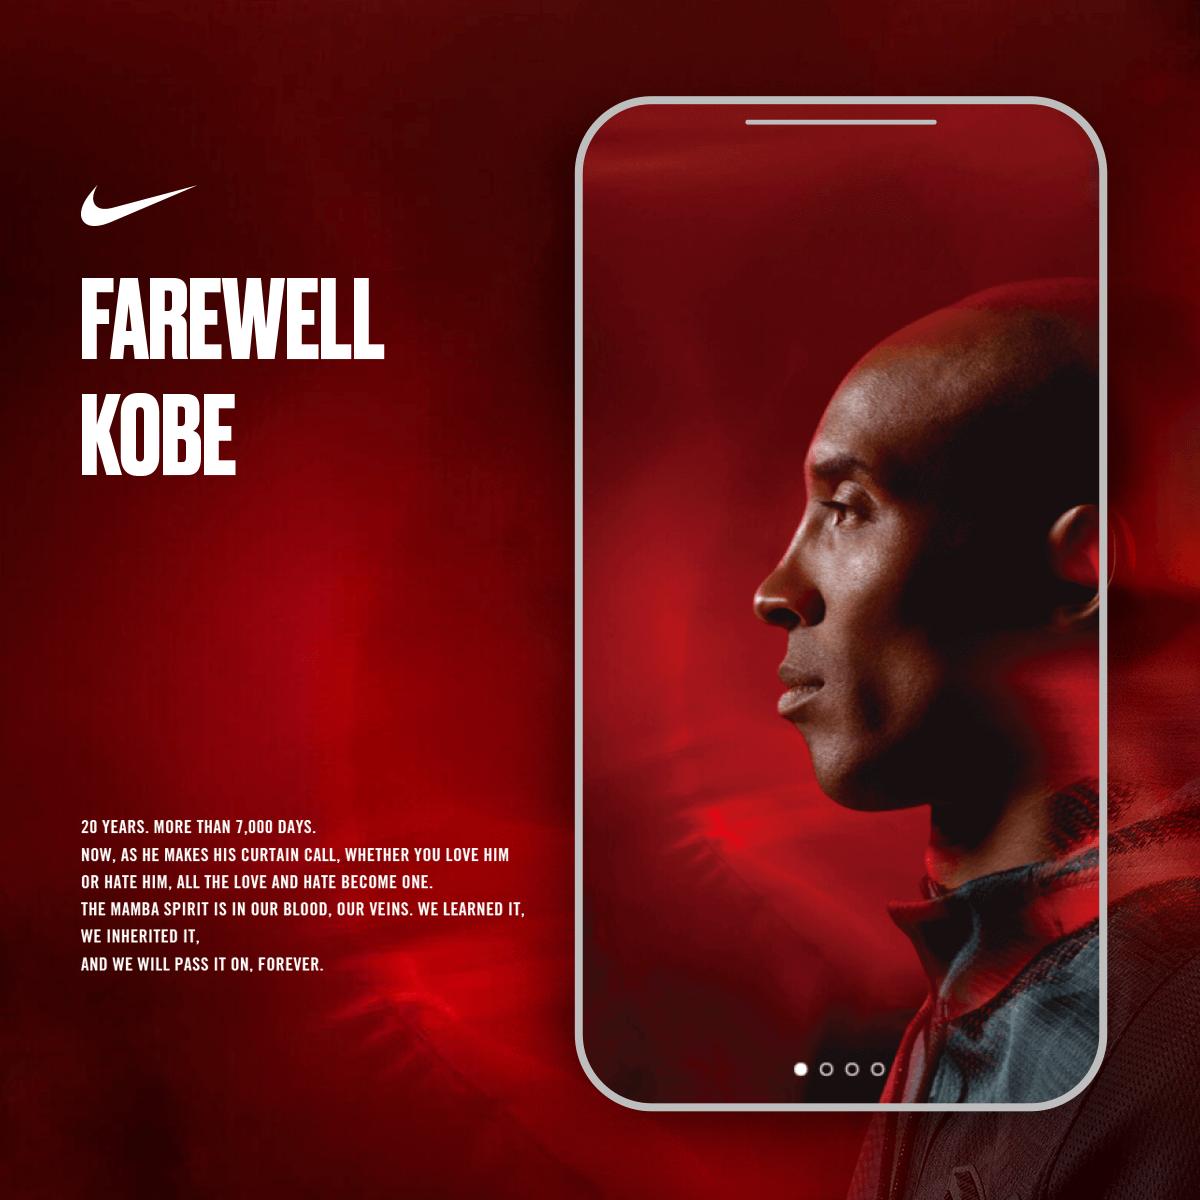 NIKE ─ Salute to Kobe Bryant